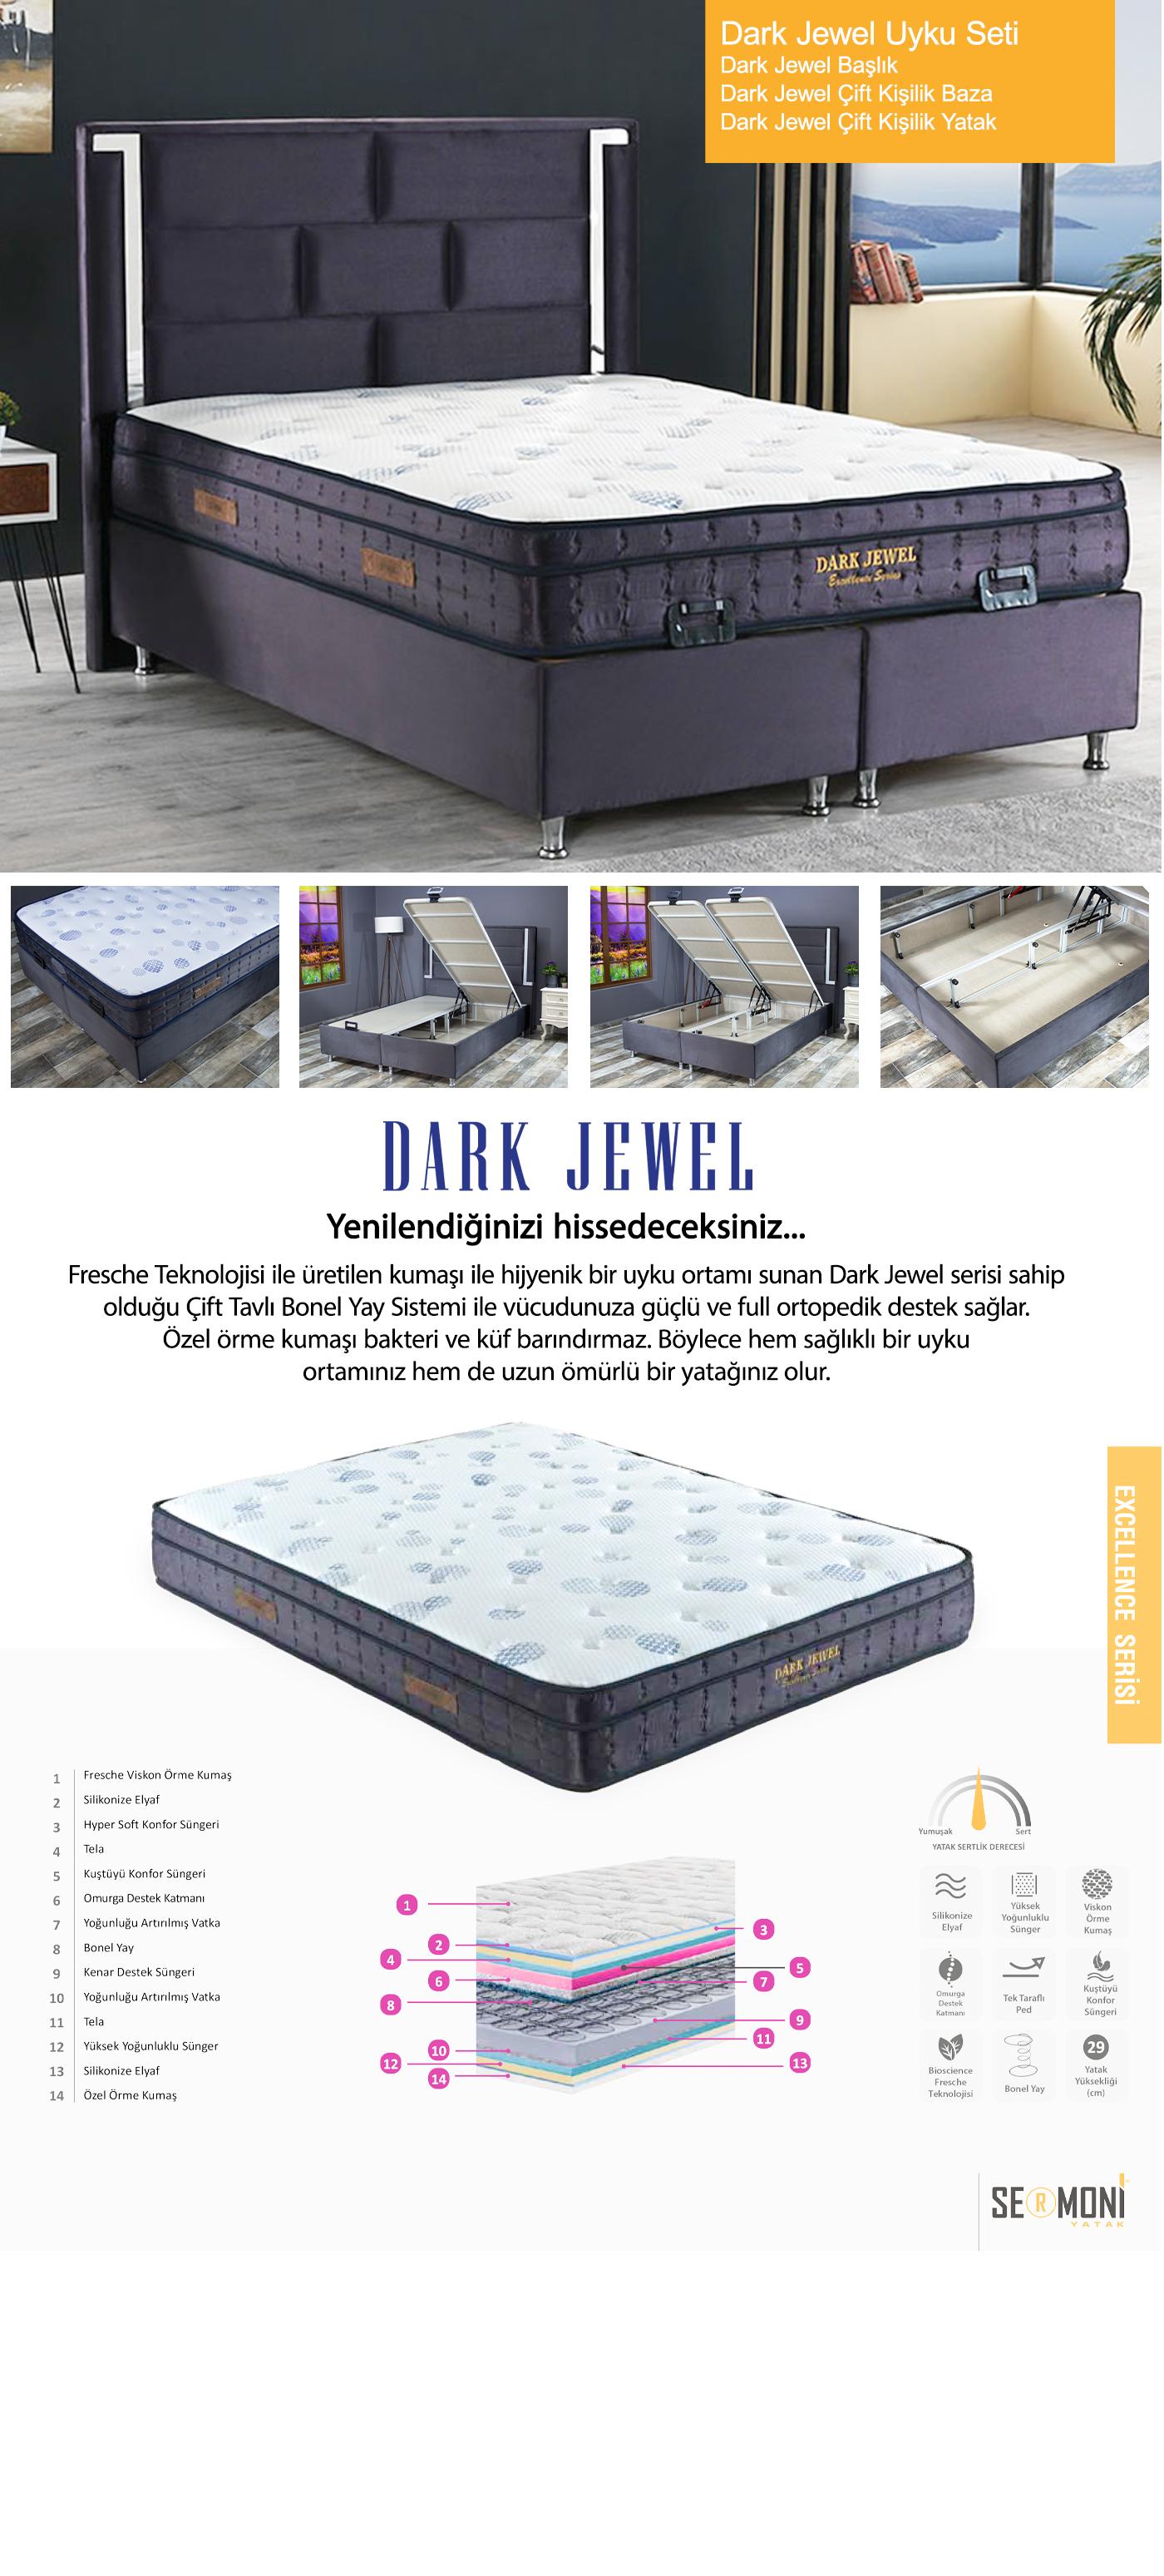 Dark Jewel Baza